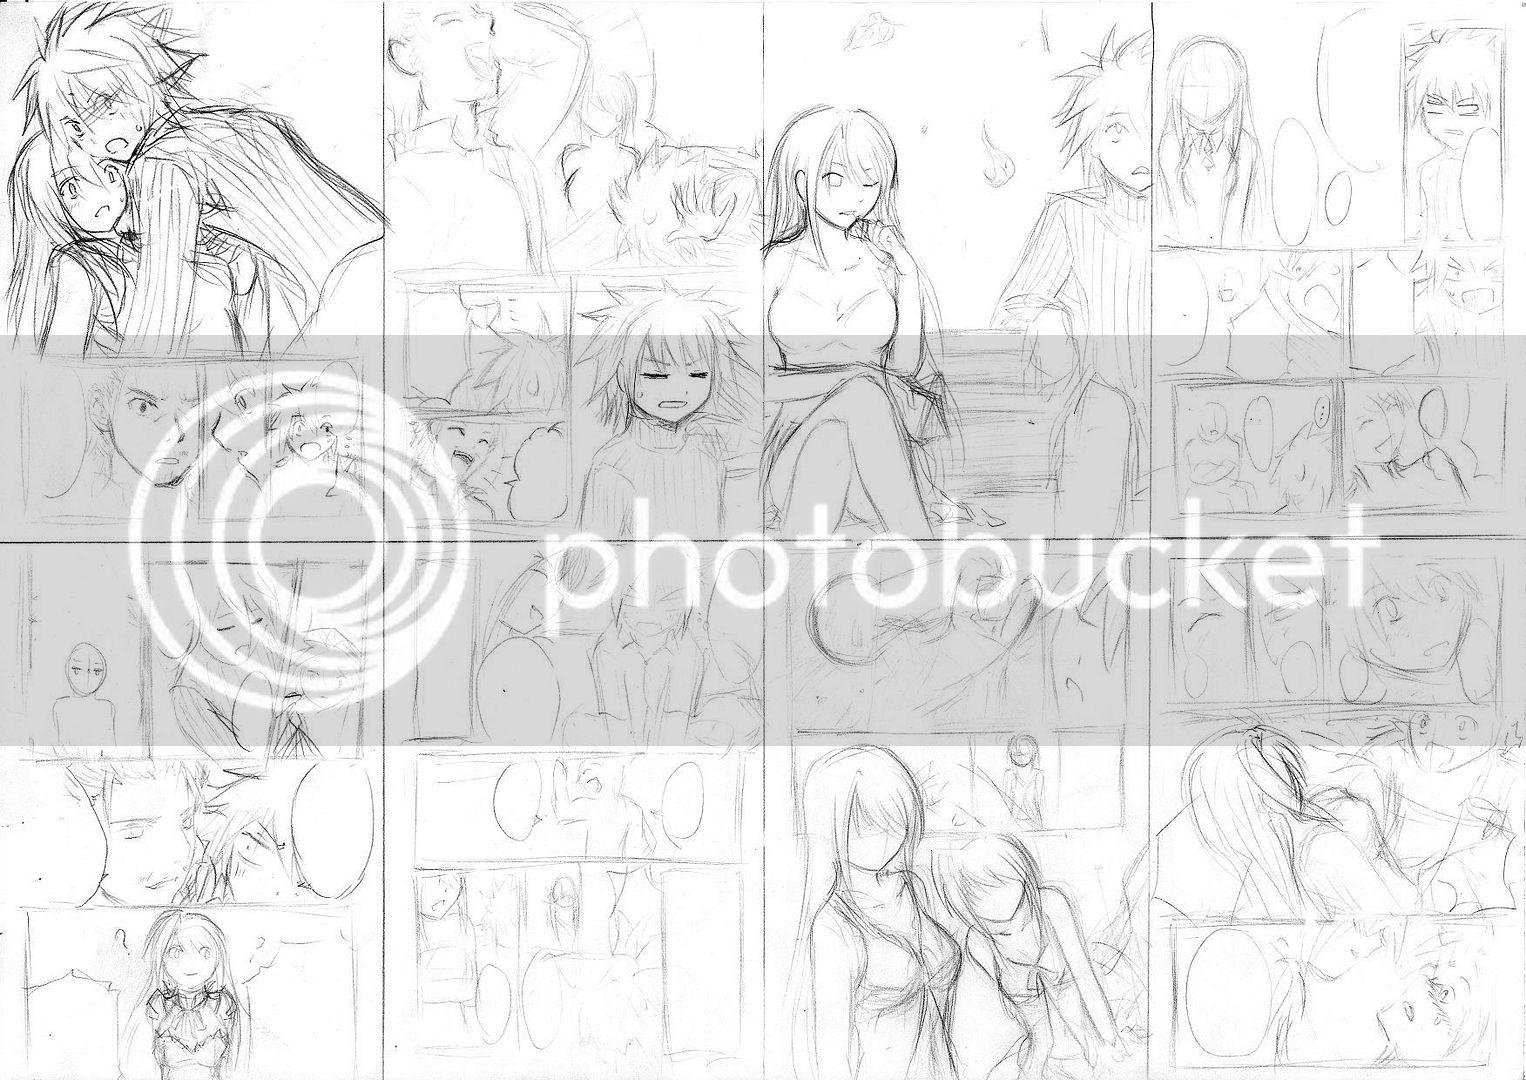 คลังภาพ ของ Taka (ในบอร์ดนี้ชื่อ evangelion) 7/1/2556 - Page 11 BloodofVanpiric02_1_V2